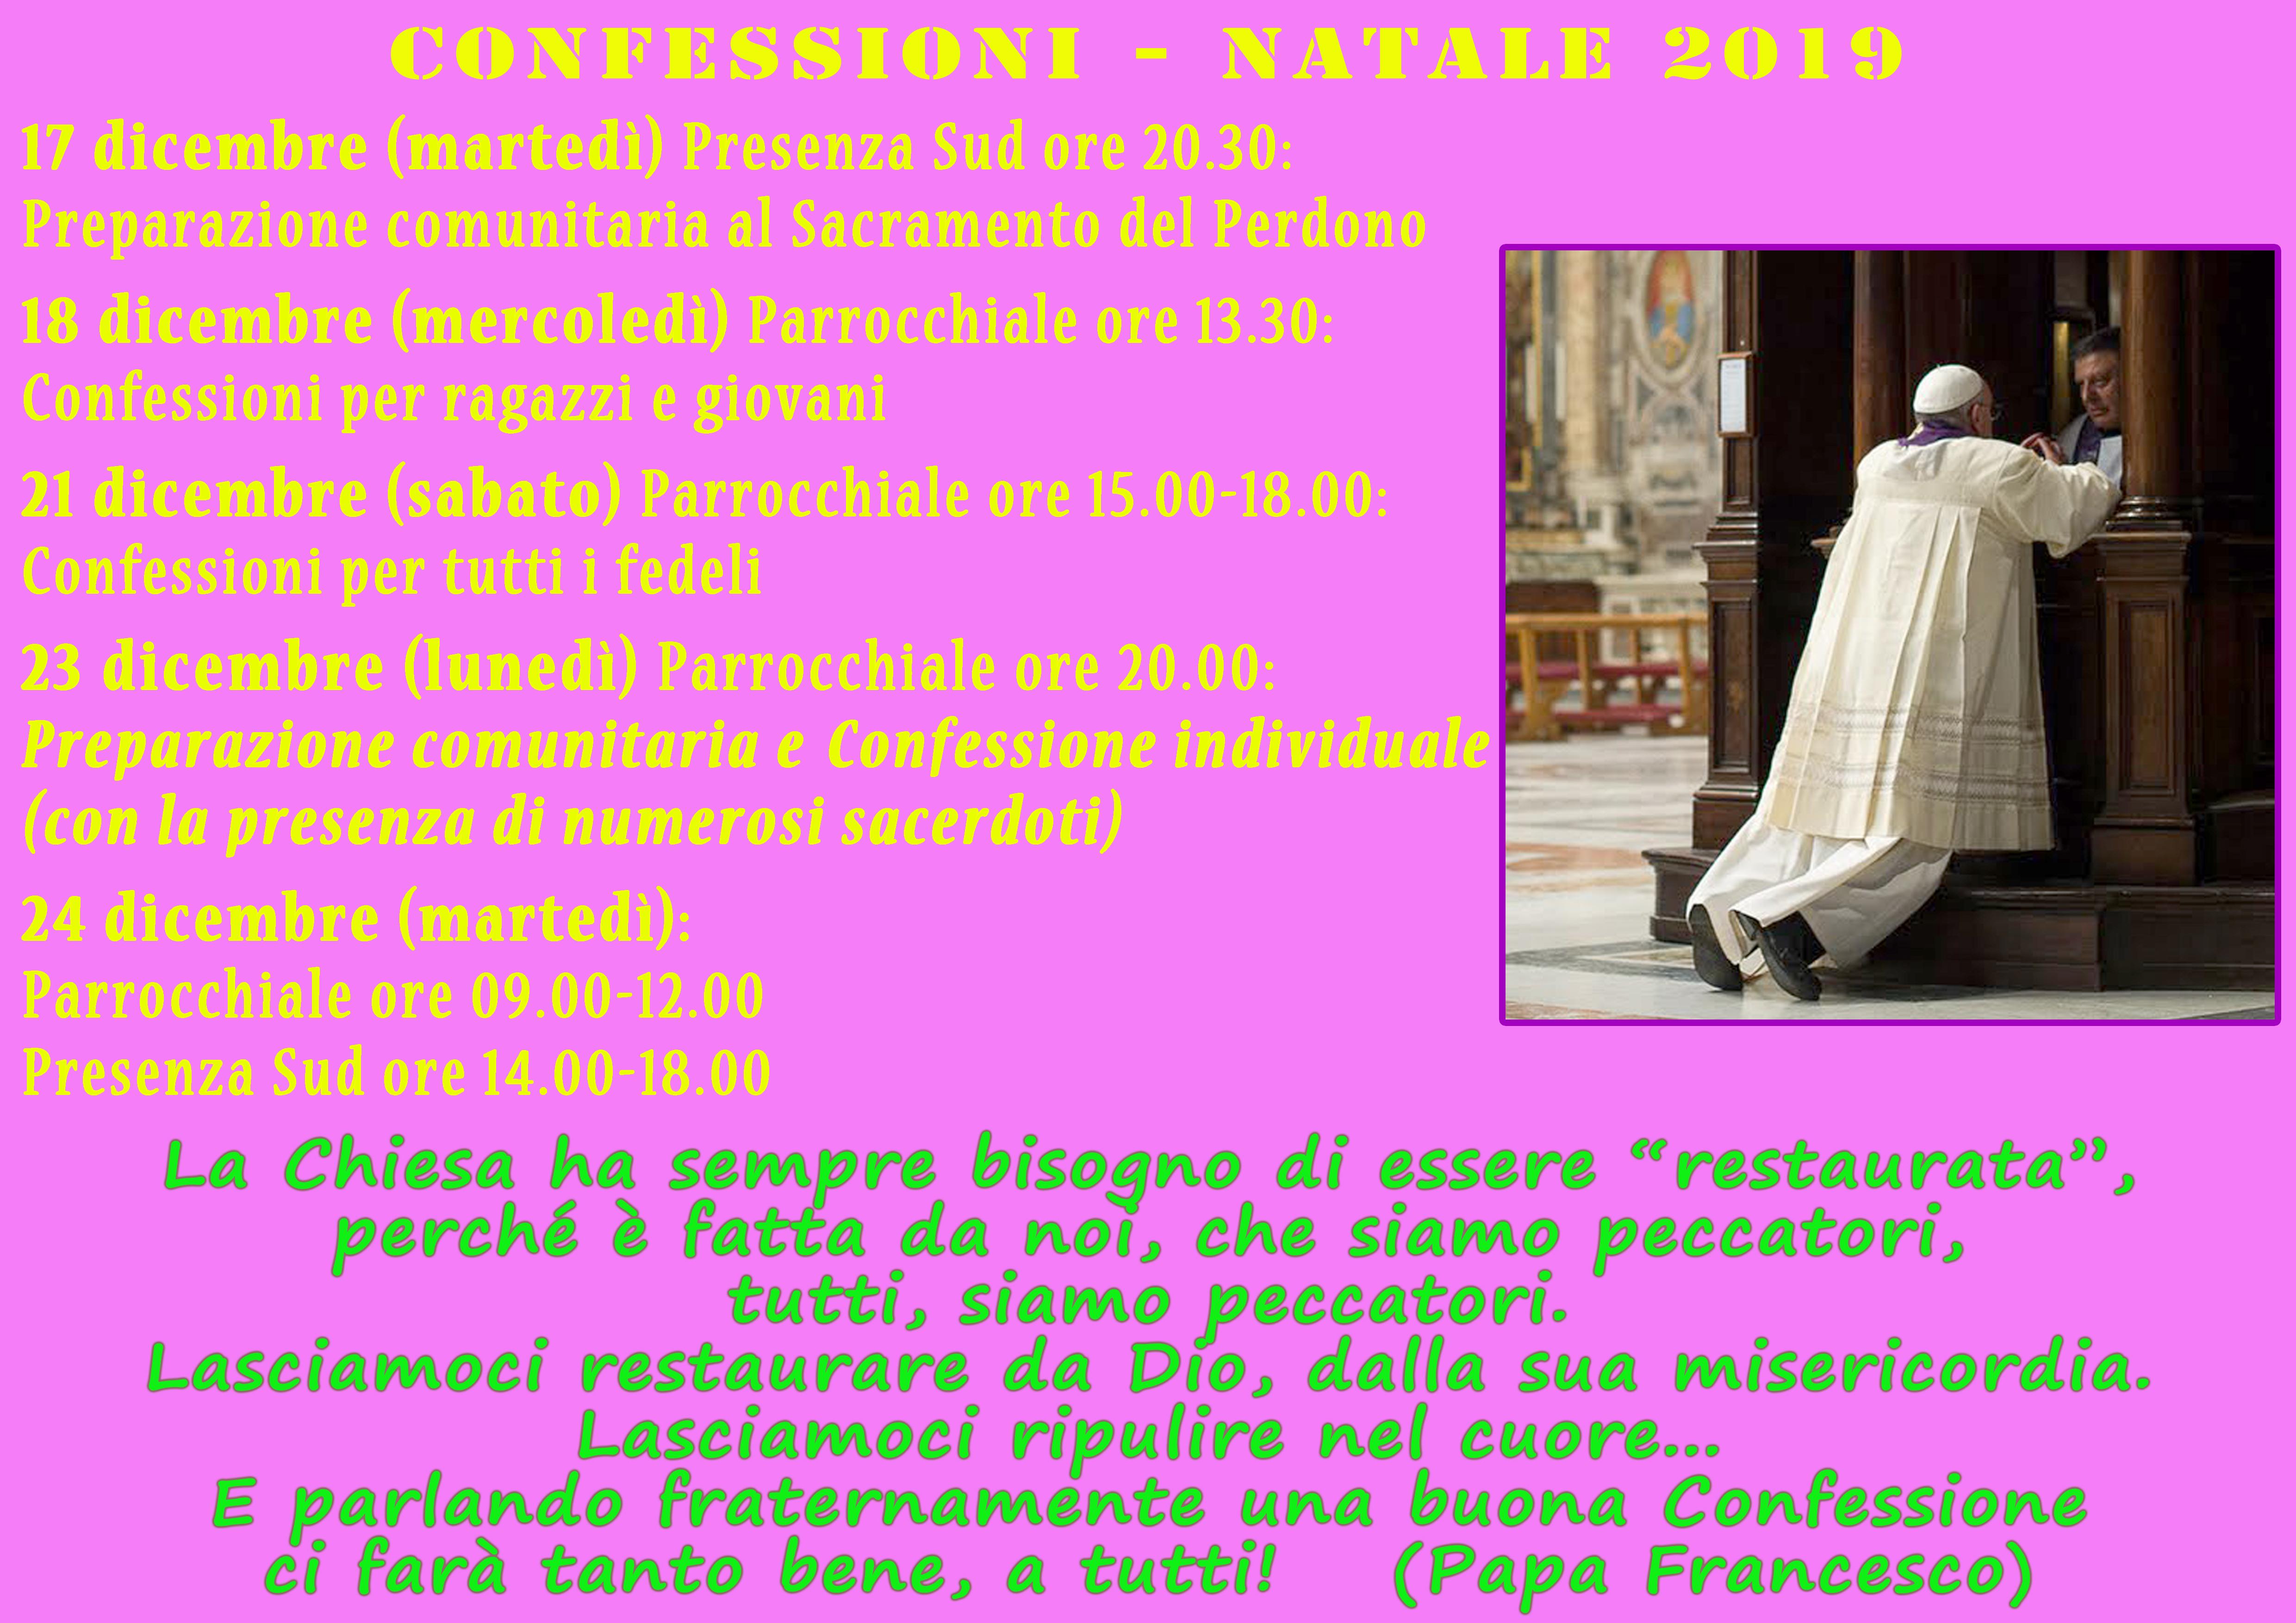 2019_Confessioni_Natale